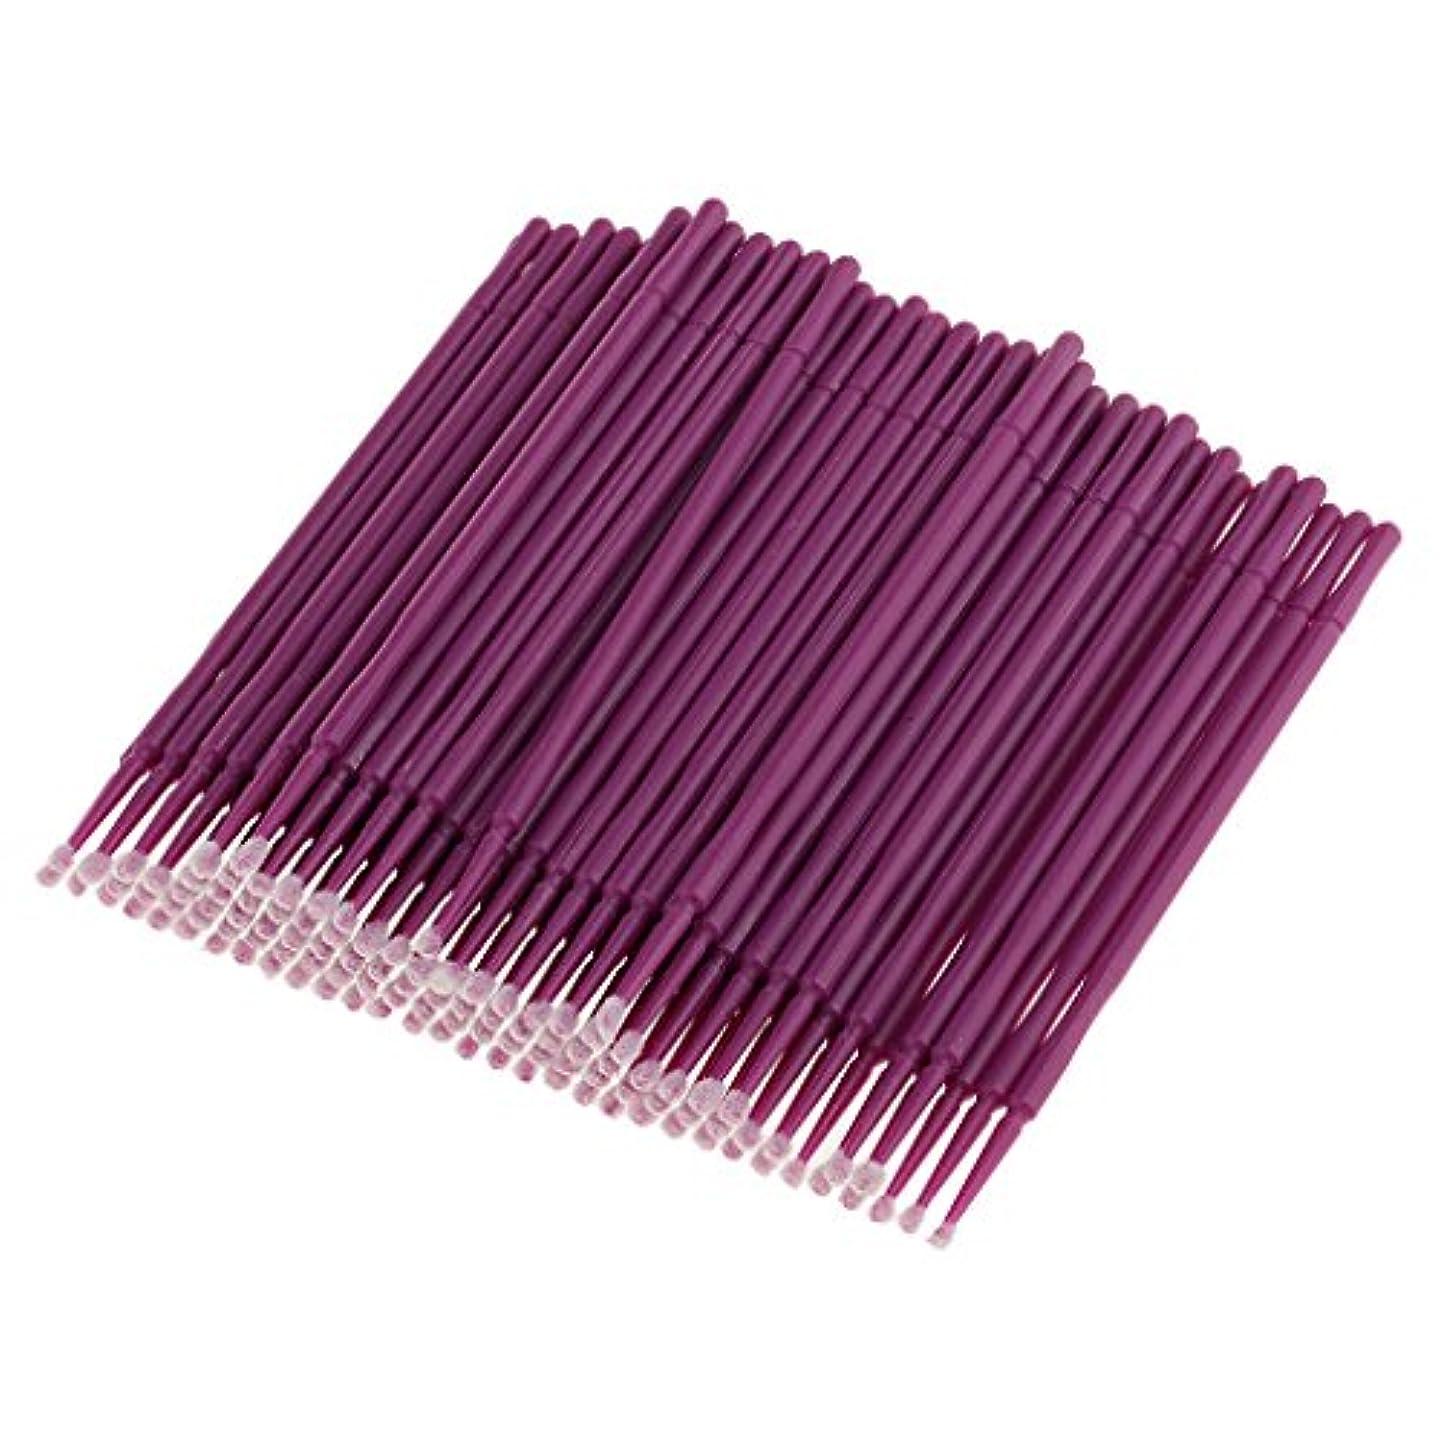 ファイルコードレスクラシックPerfk 約100本 使い捨て まつげエステ 美容用具 マイクロブラシ アプリケーター ミニヒントタイプ マスカラ パープル